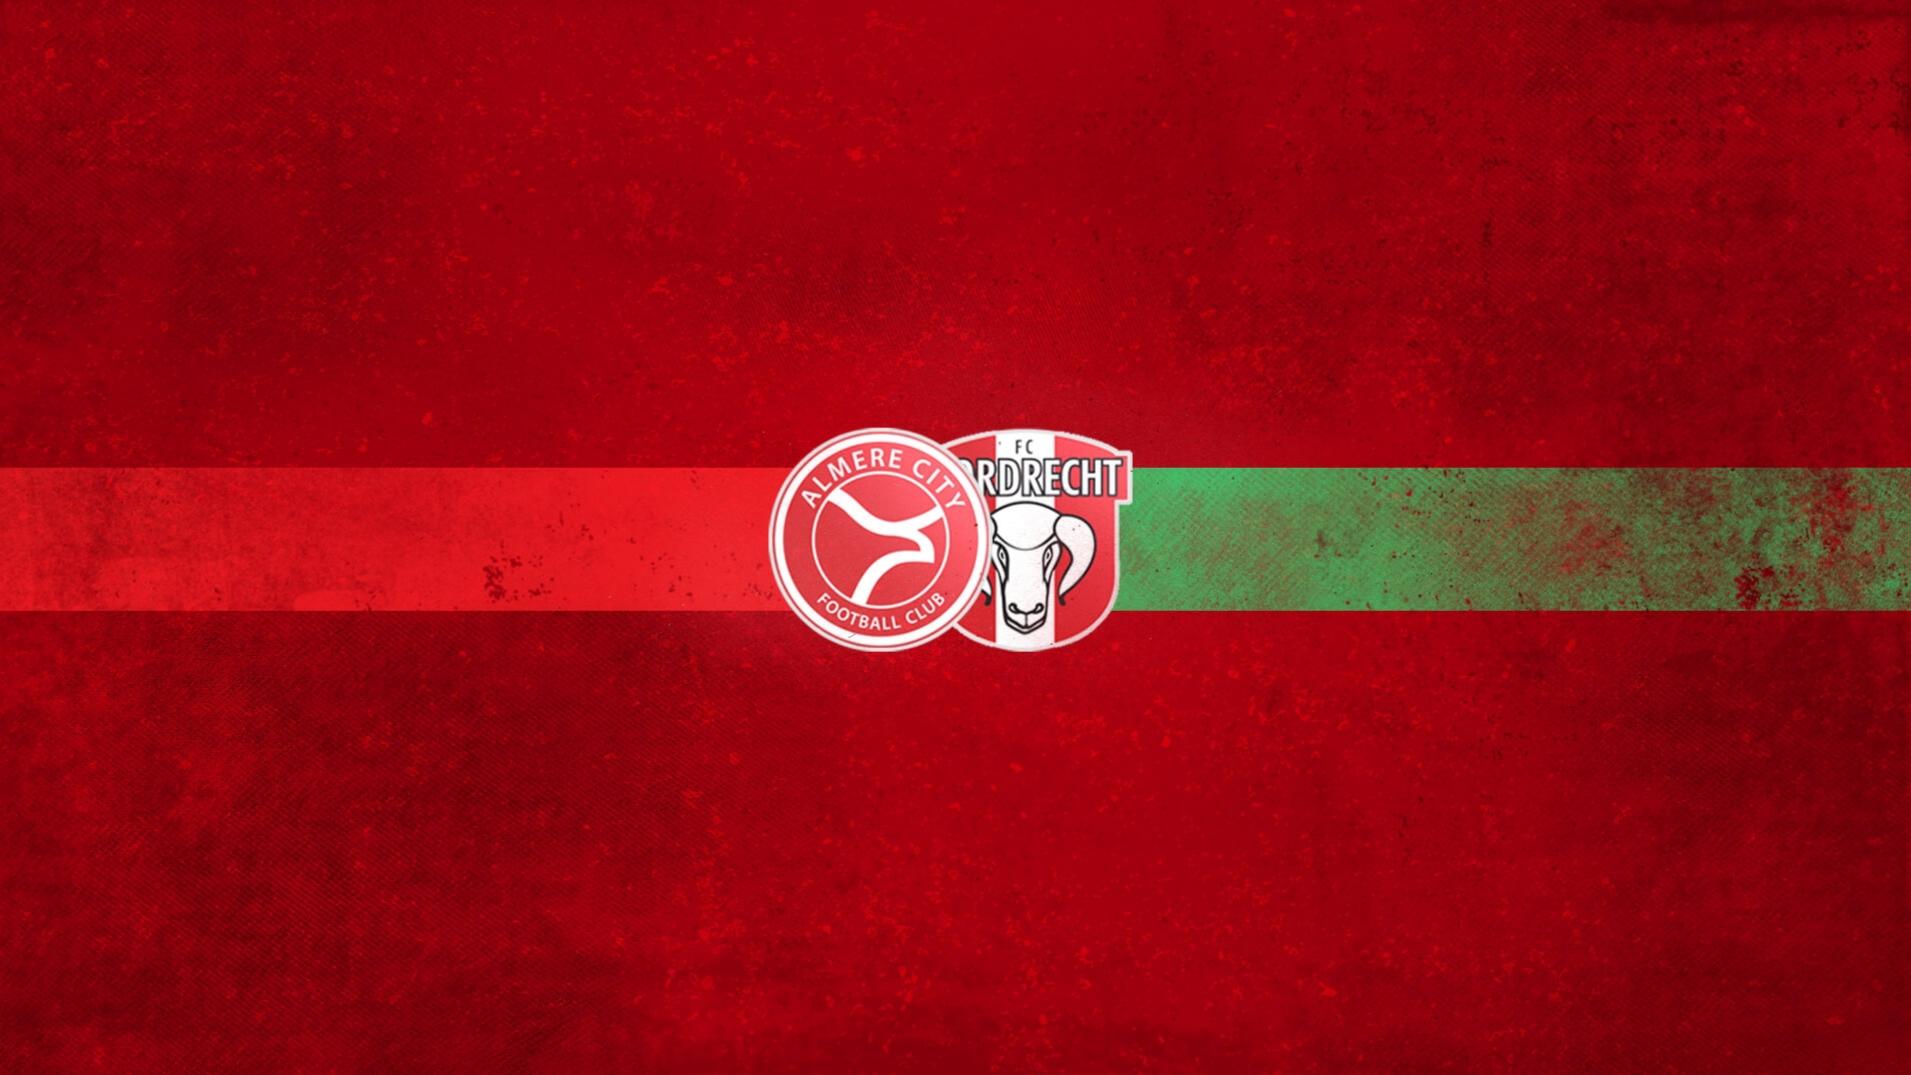 Voorbeschouwing: Almere City FC wil winnen van FC Dordrecht